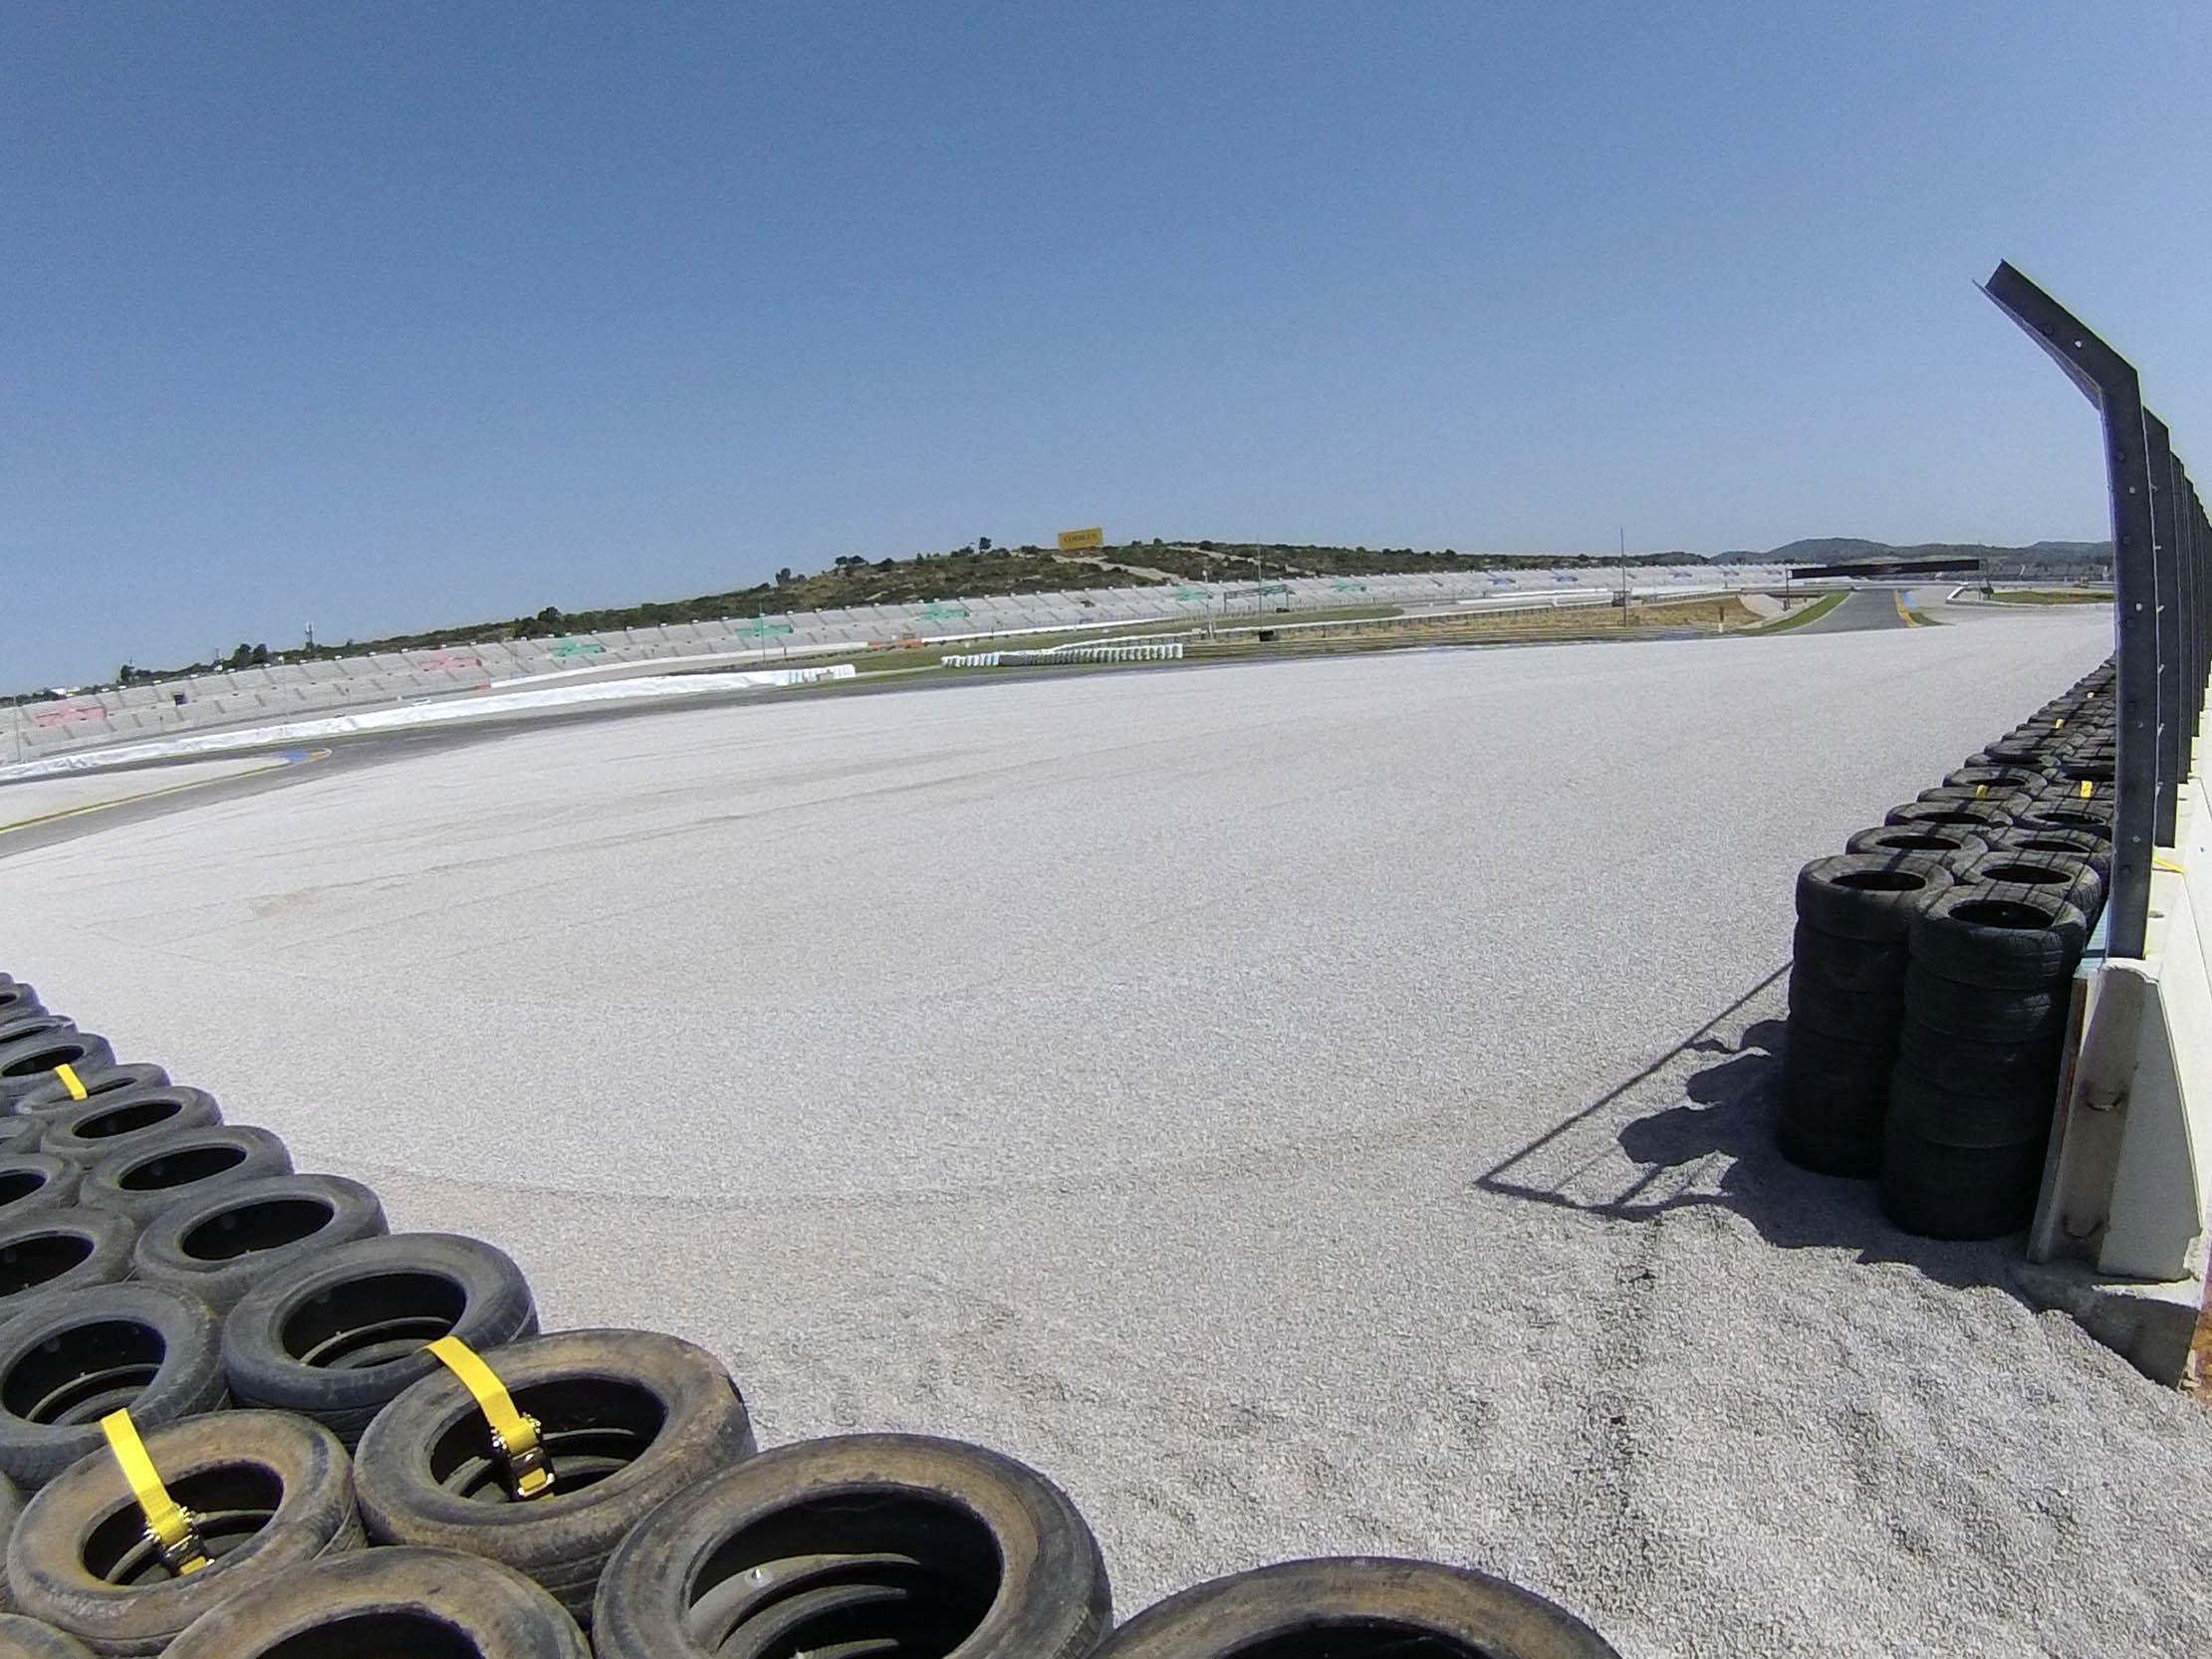 El Circuit Ricardo Tormo ha renovado sus áreas de seguridad.